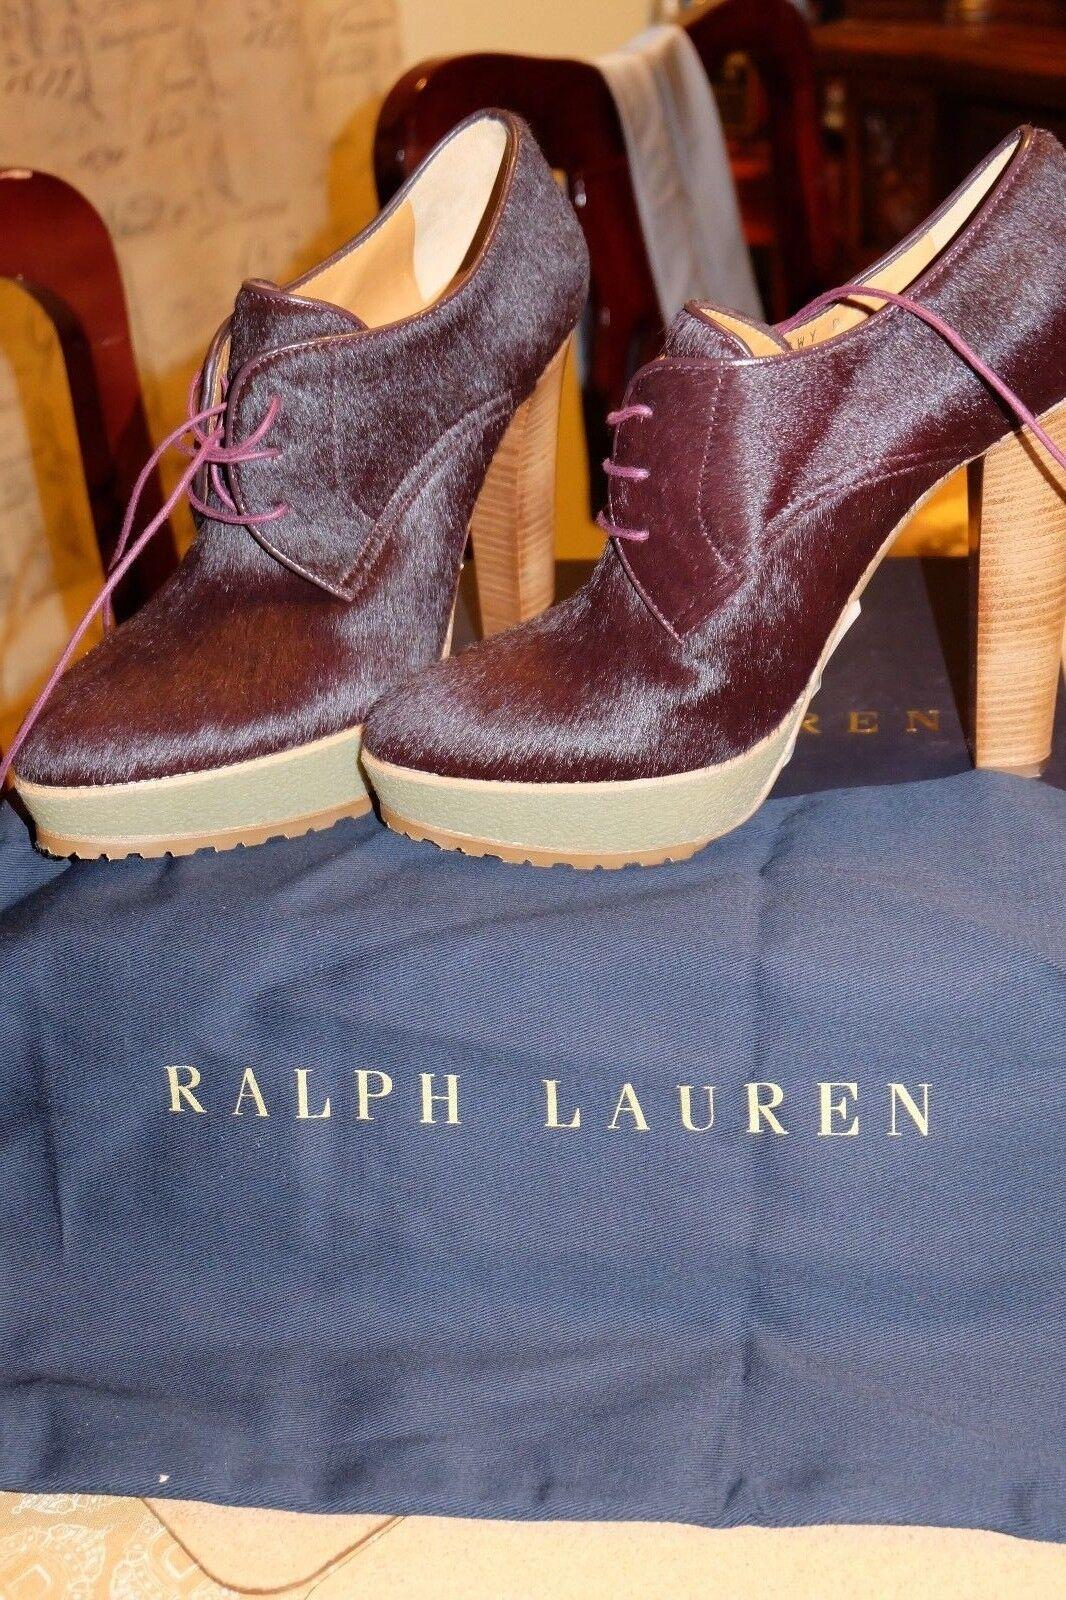 695 Auténtico Ralph Lauren Collection Eloise haircalf Botín, hecho hecho hecho en Italia  venderse como panqueques